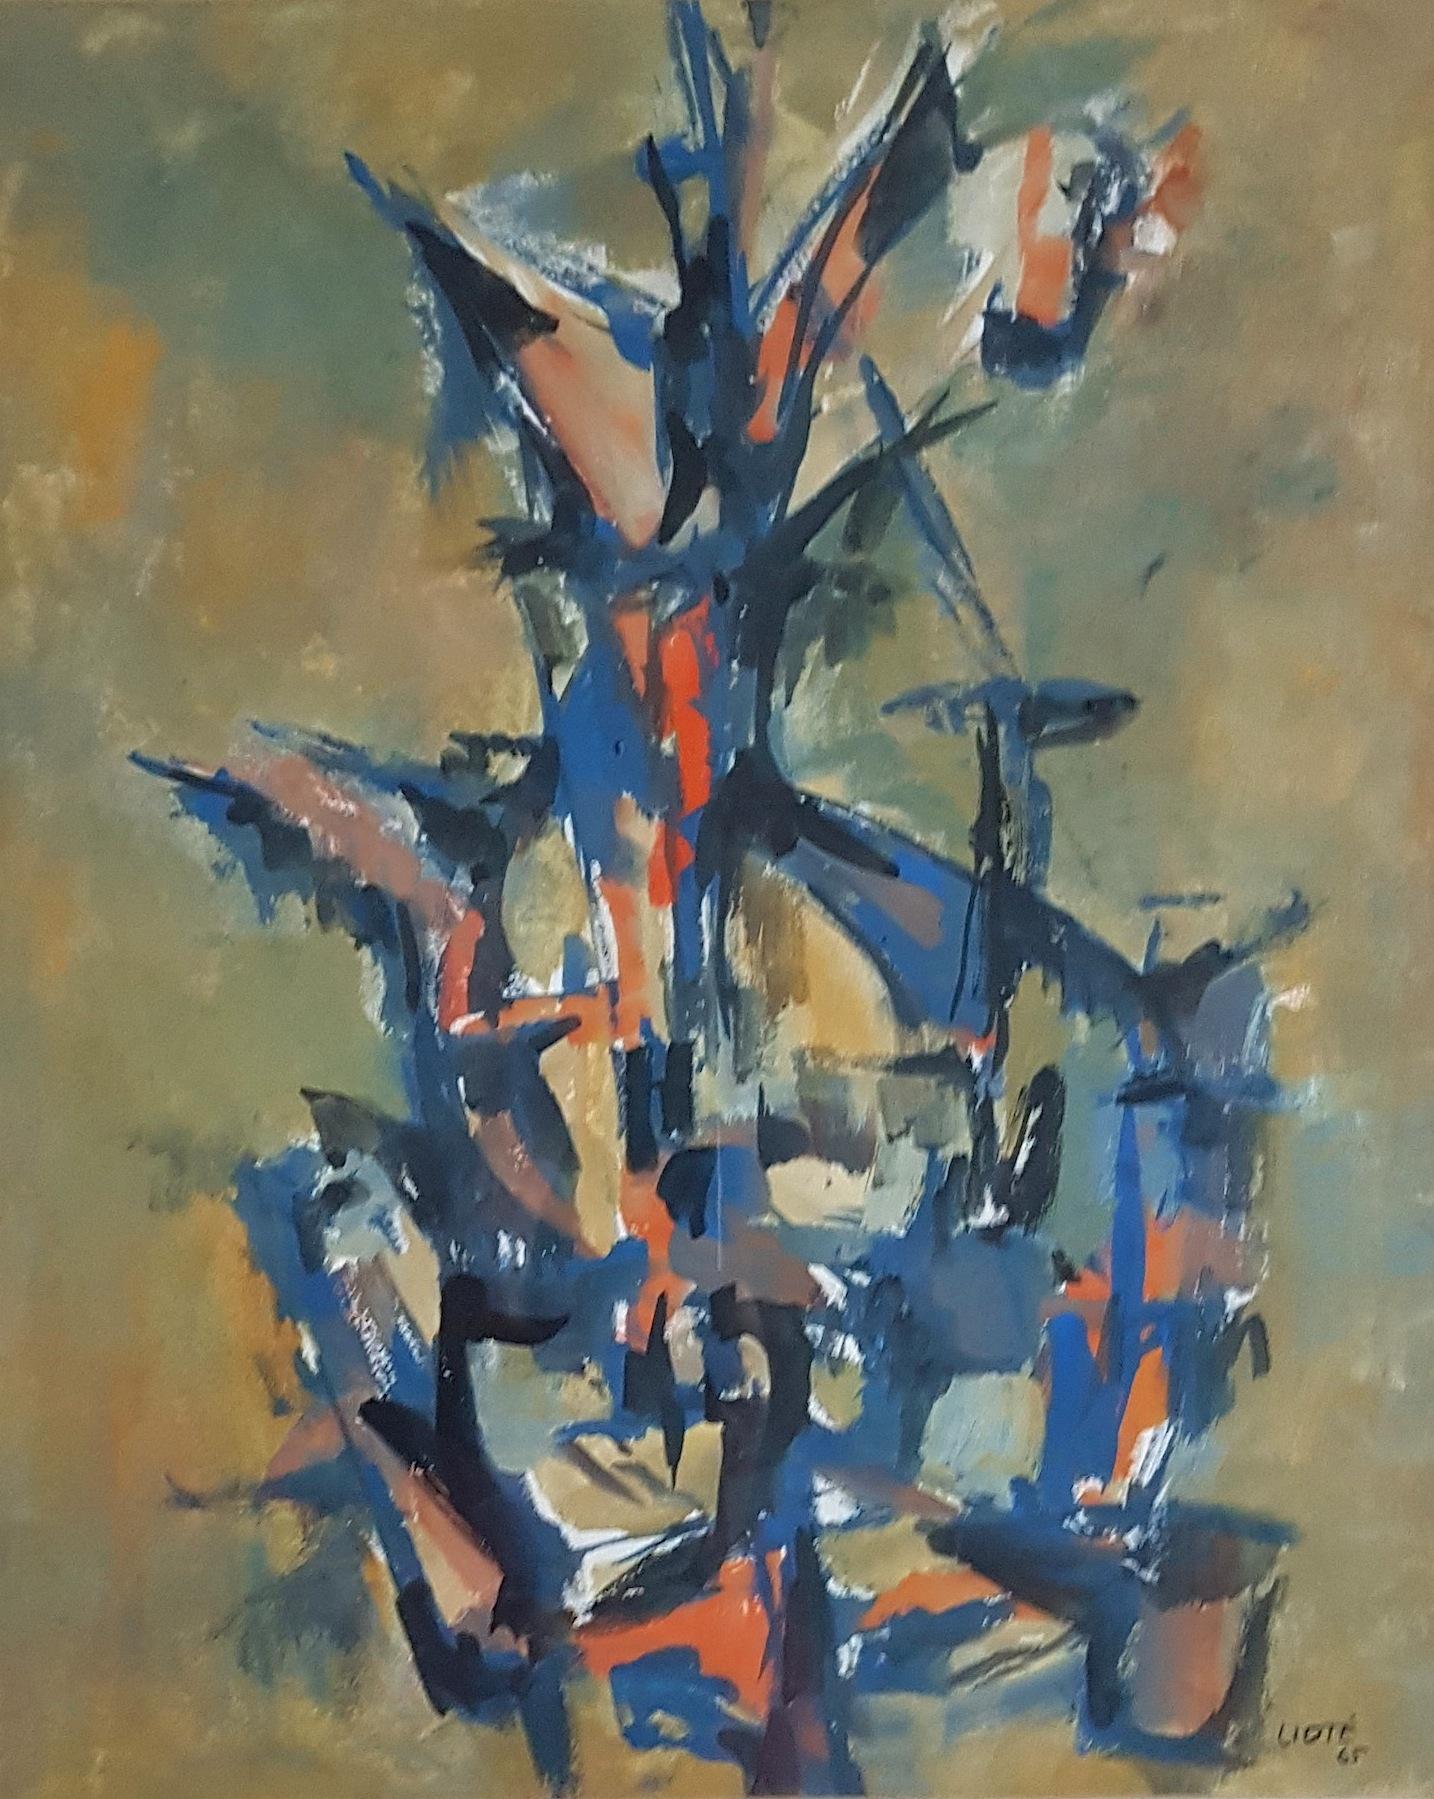 Huile sur toile - 1965 - 44 x 35,5 - N°6